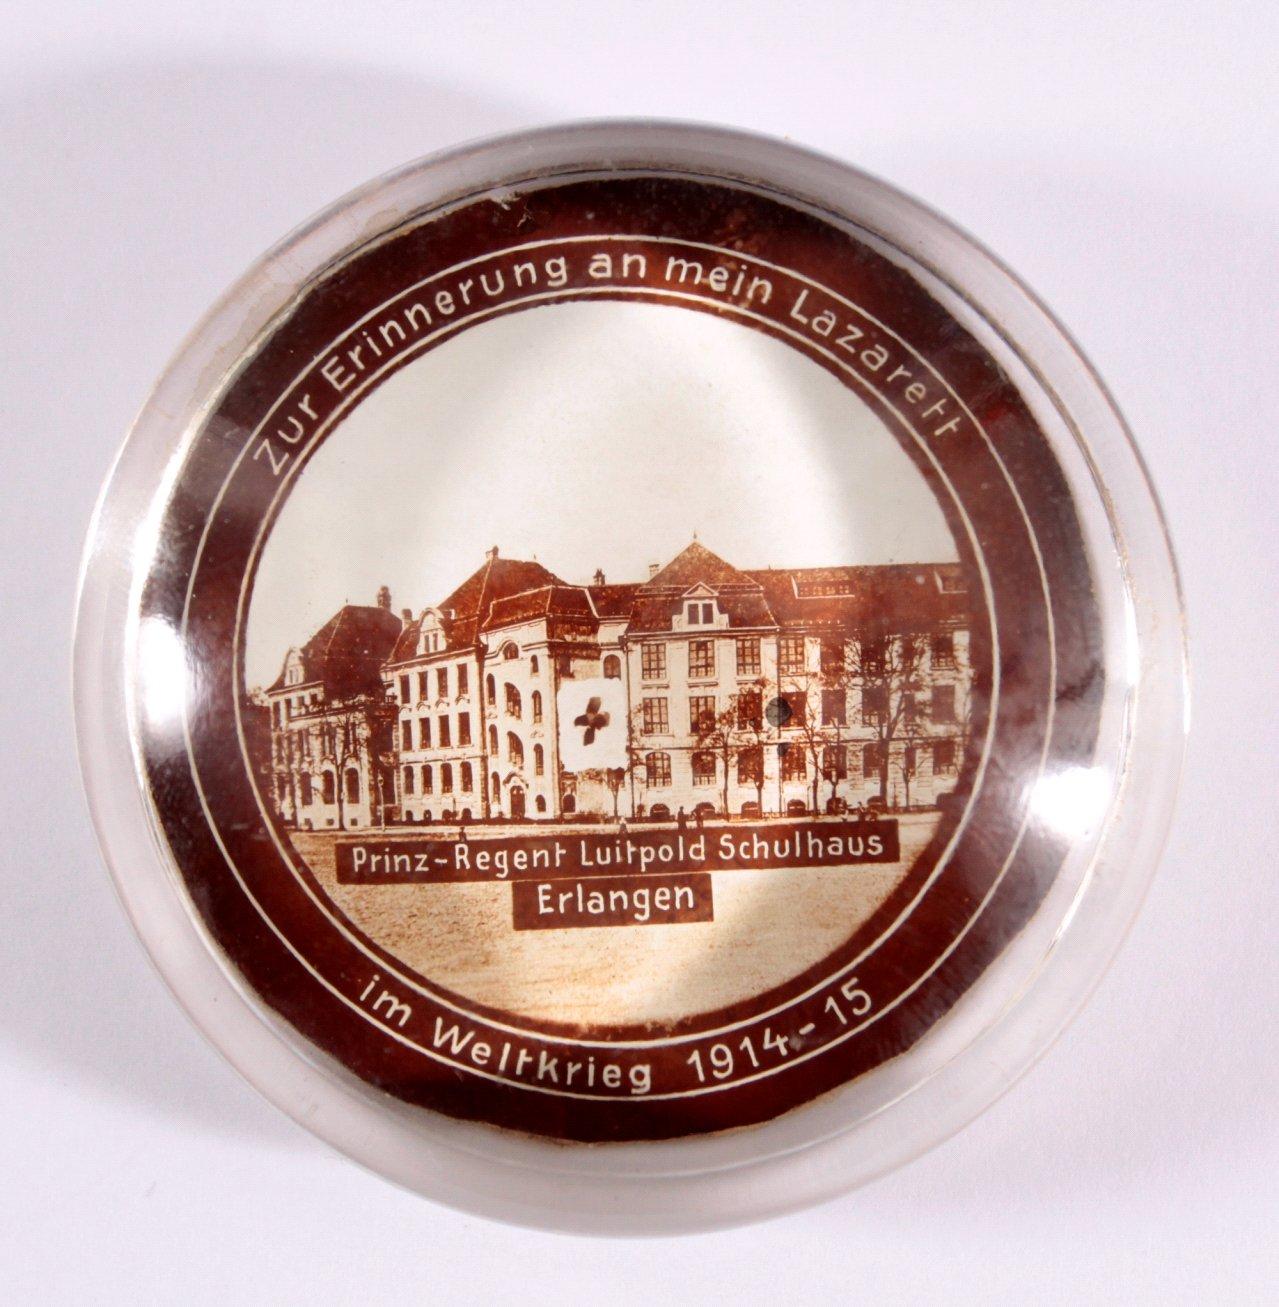 Glas Paperweight Zur Erinnerung an mein Lazarett, Erlangen